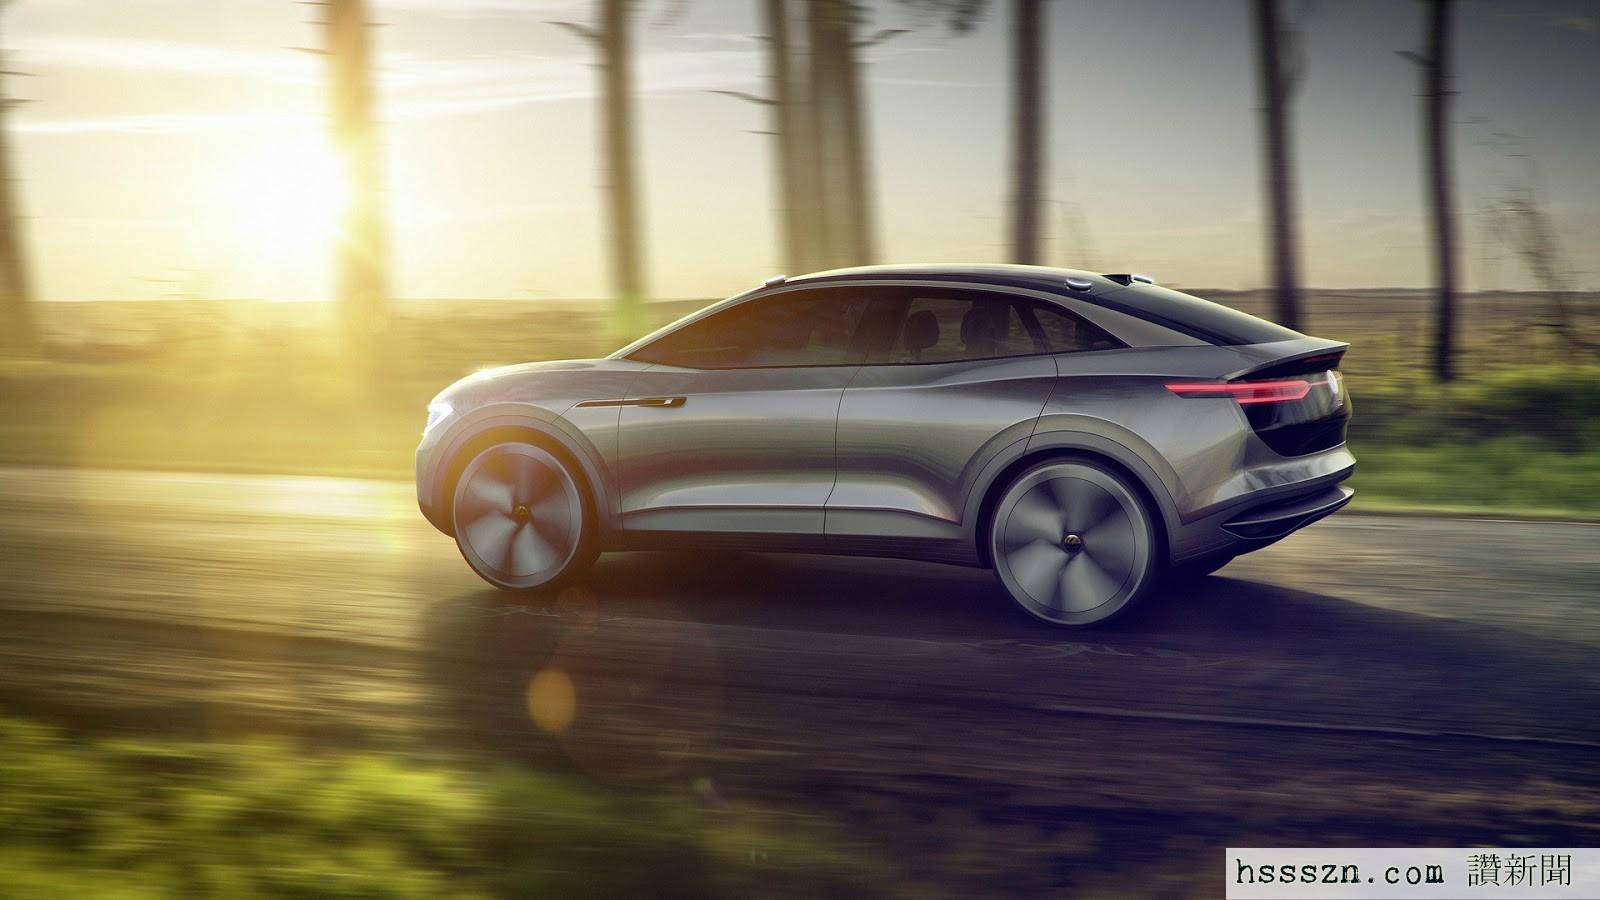 20170418073717_VW-ID-Crozz-Concept-12